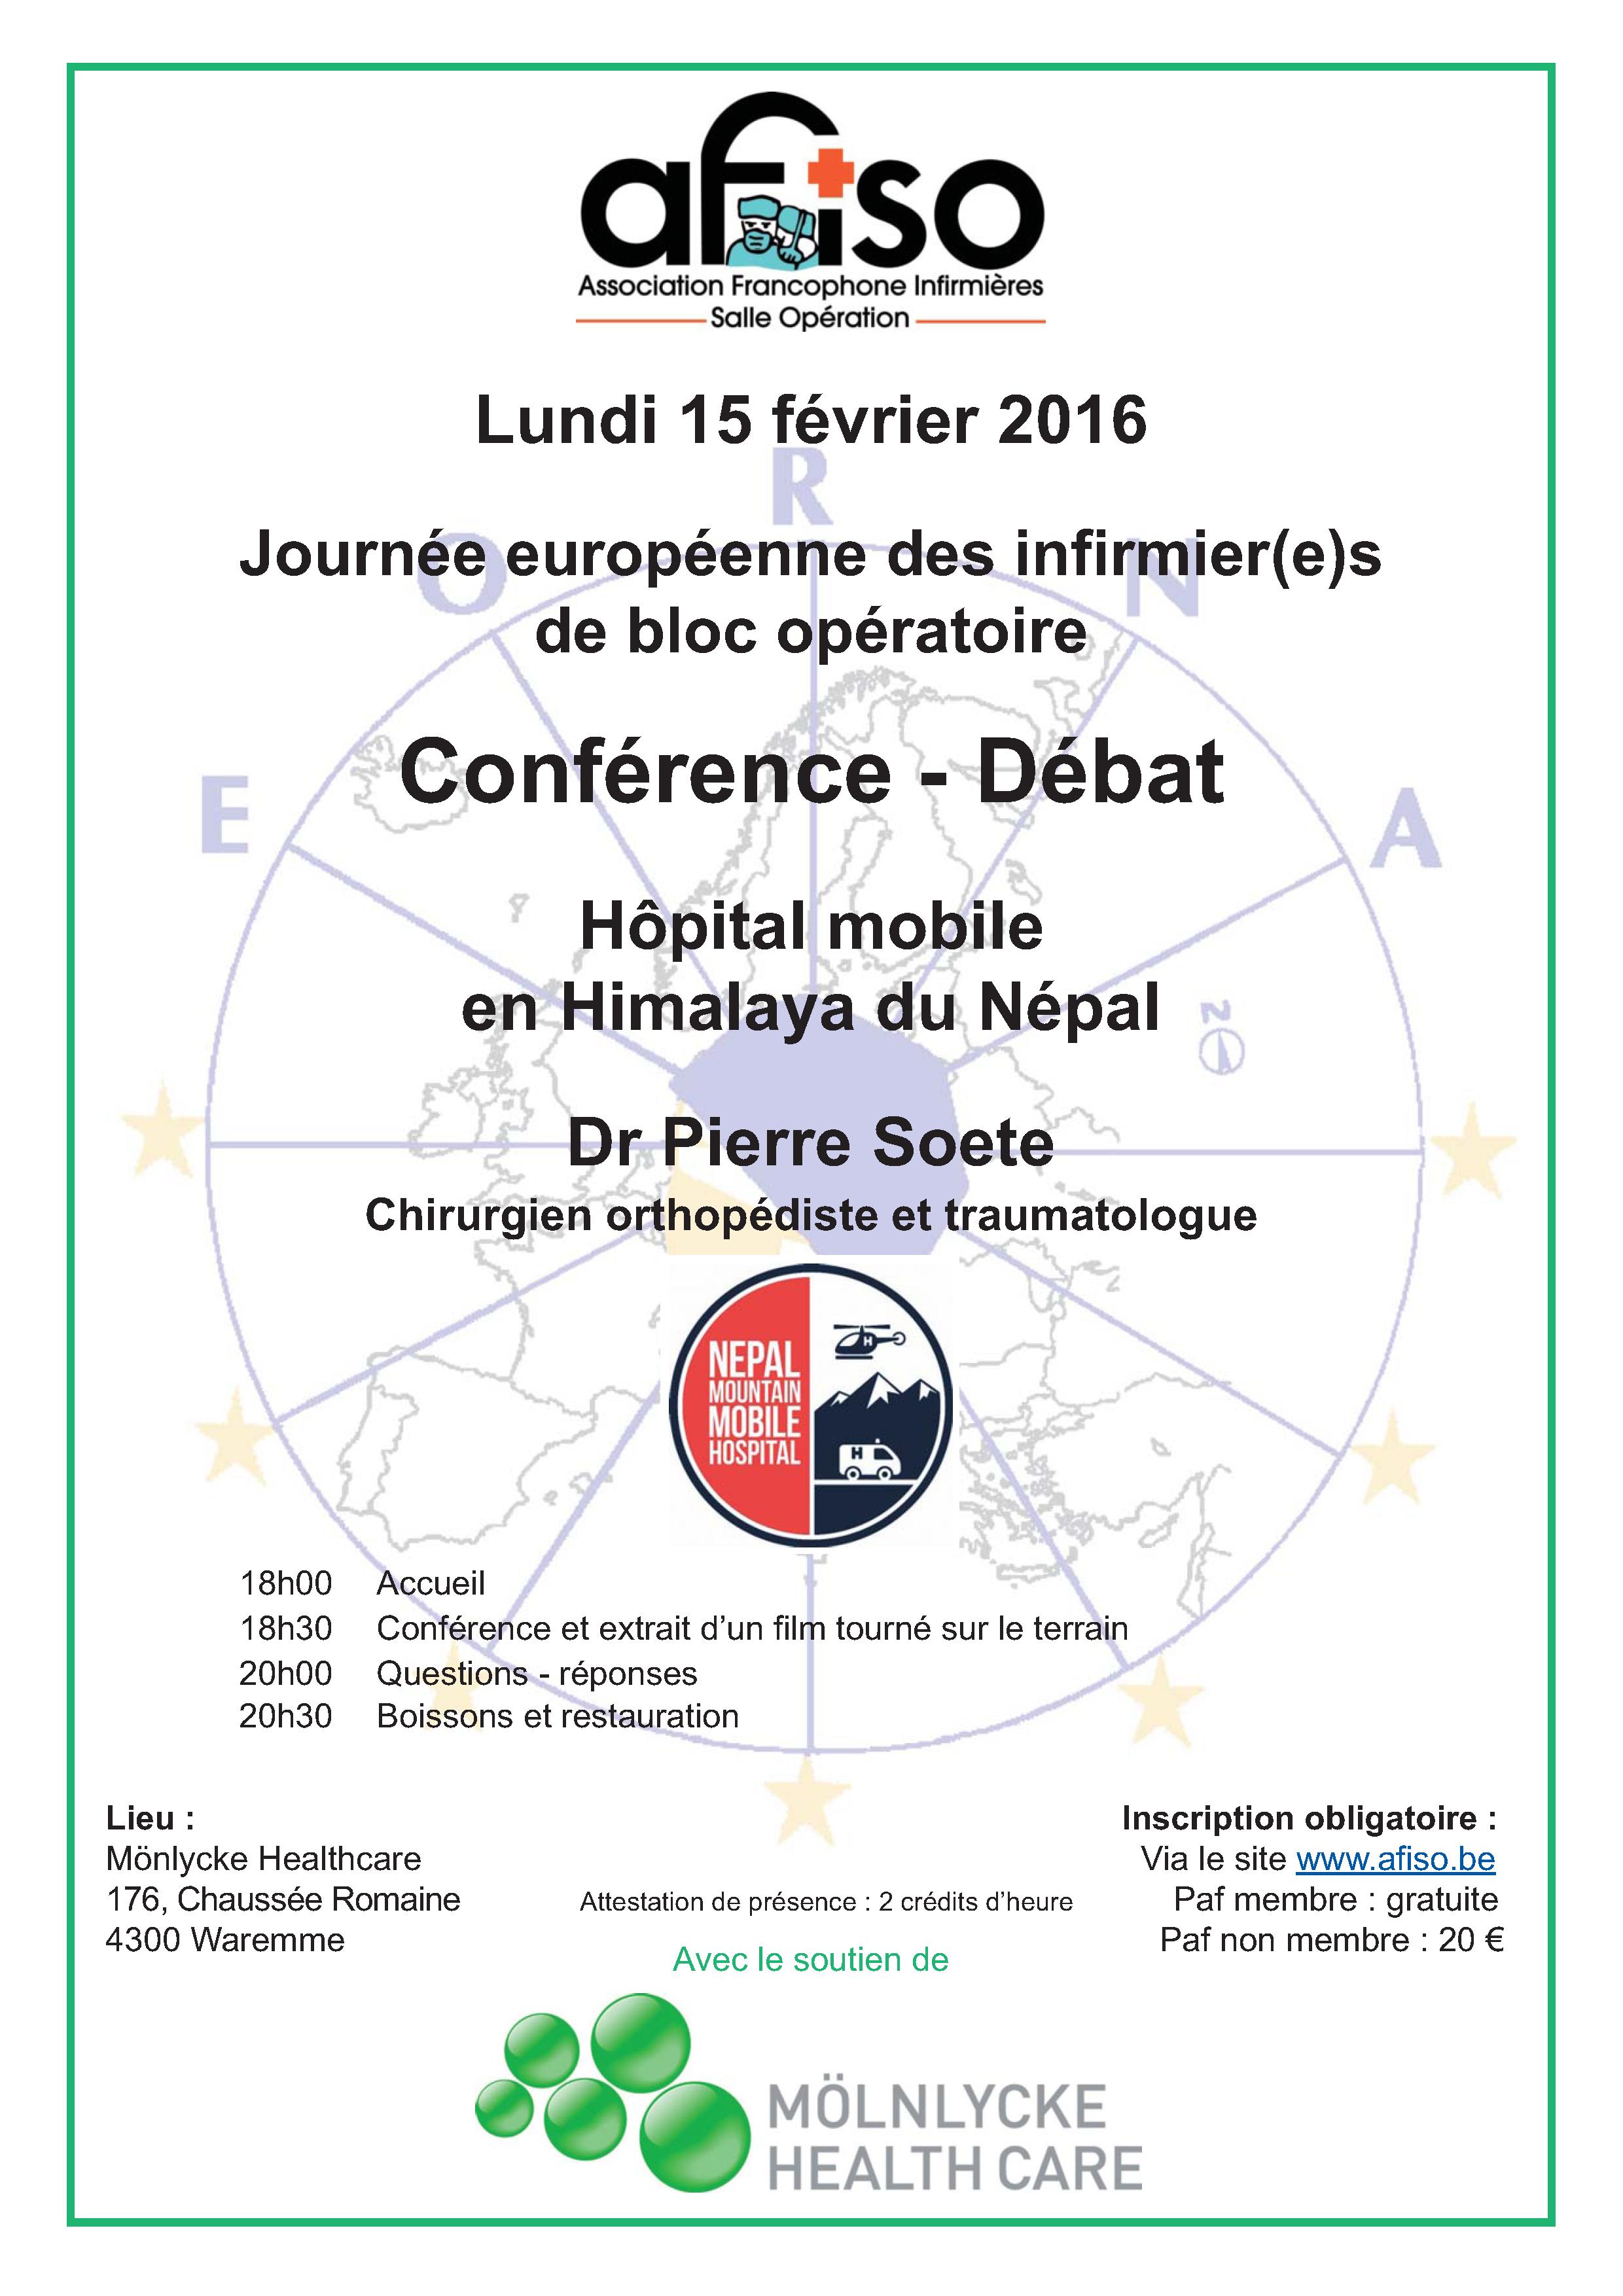 Lundi 15 février 2016 - Journée Européenne des Infirmières de Bloc Opératoire